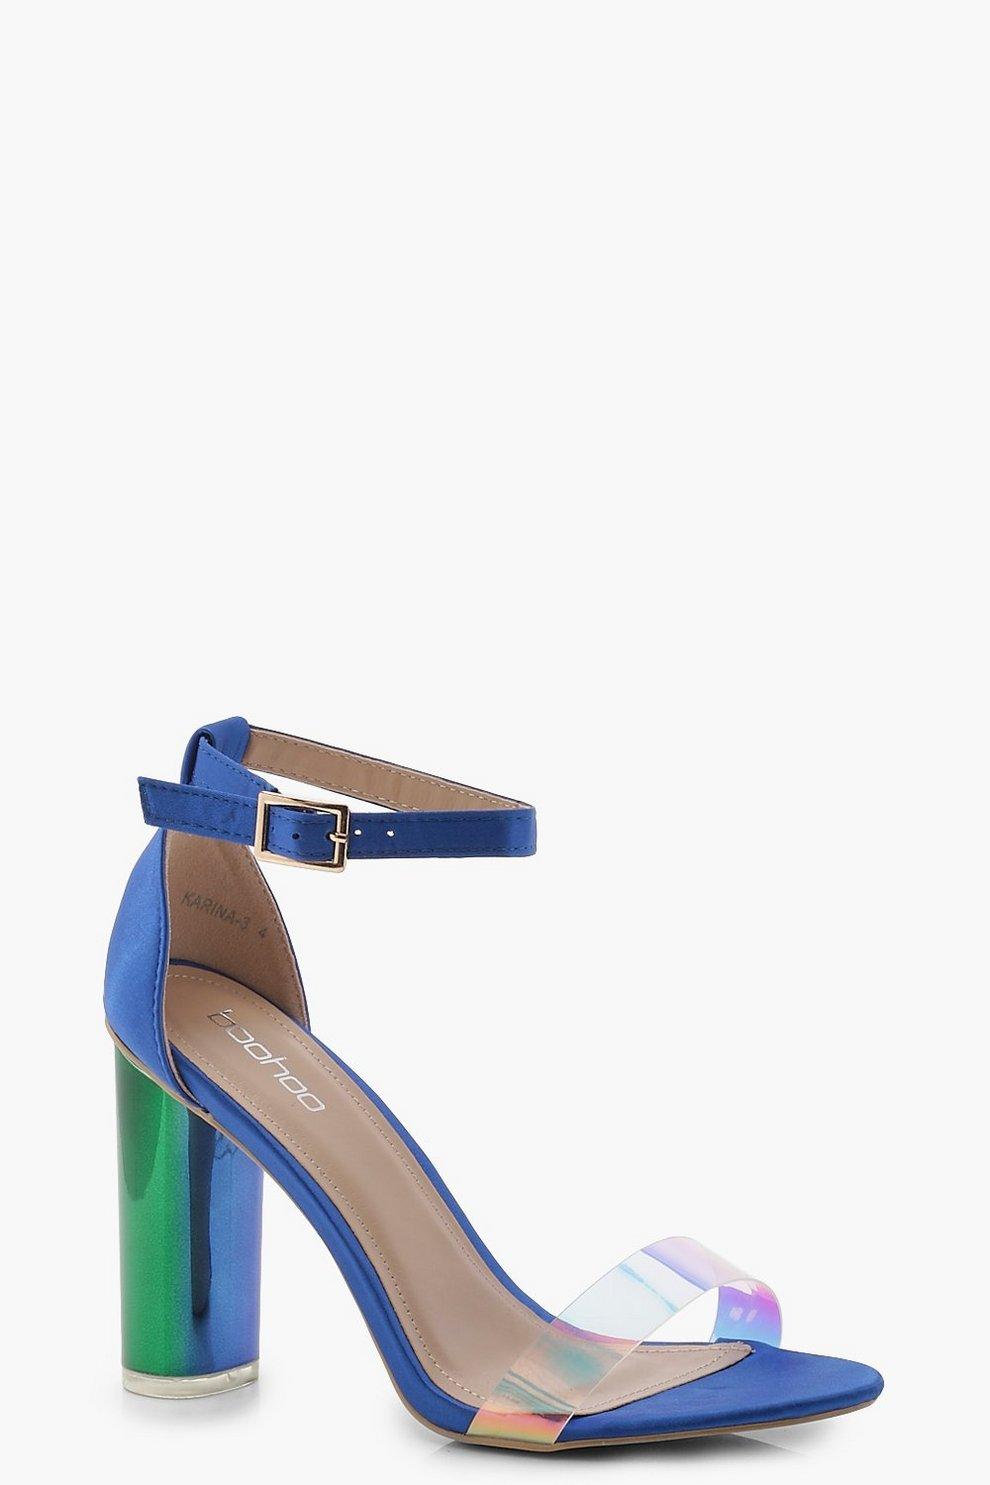 40aa3614613d Iridescent Strap Block Heels